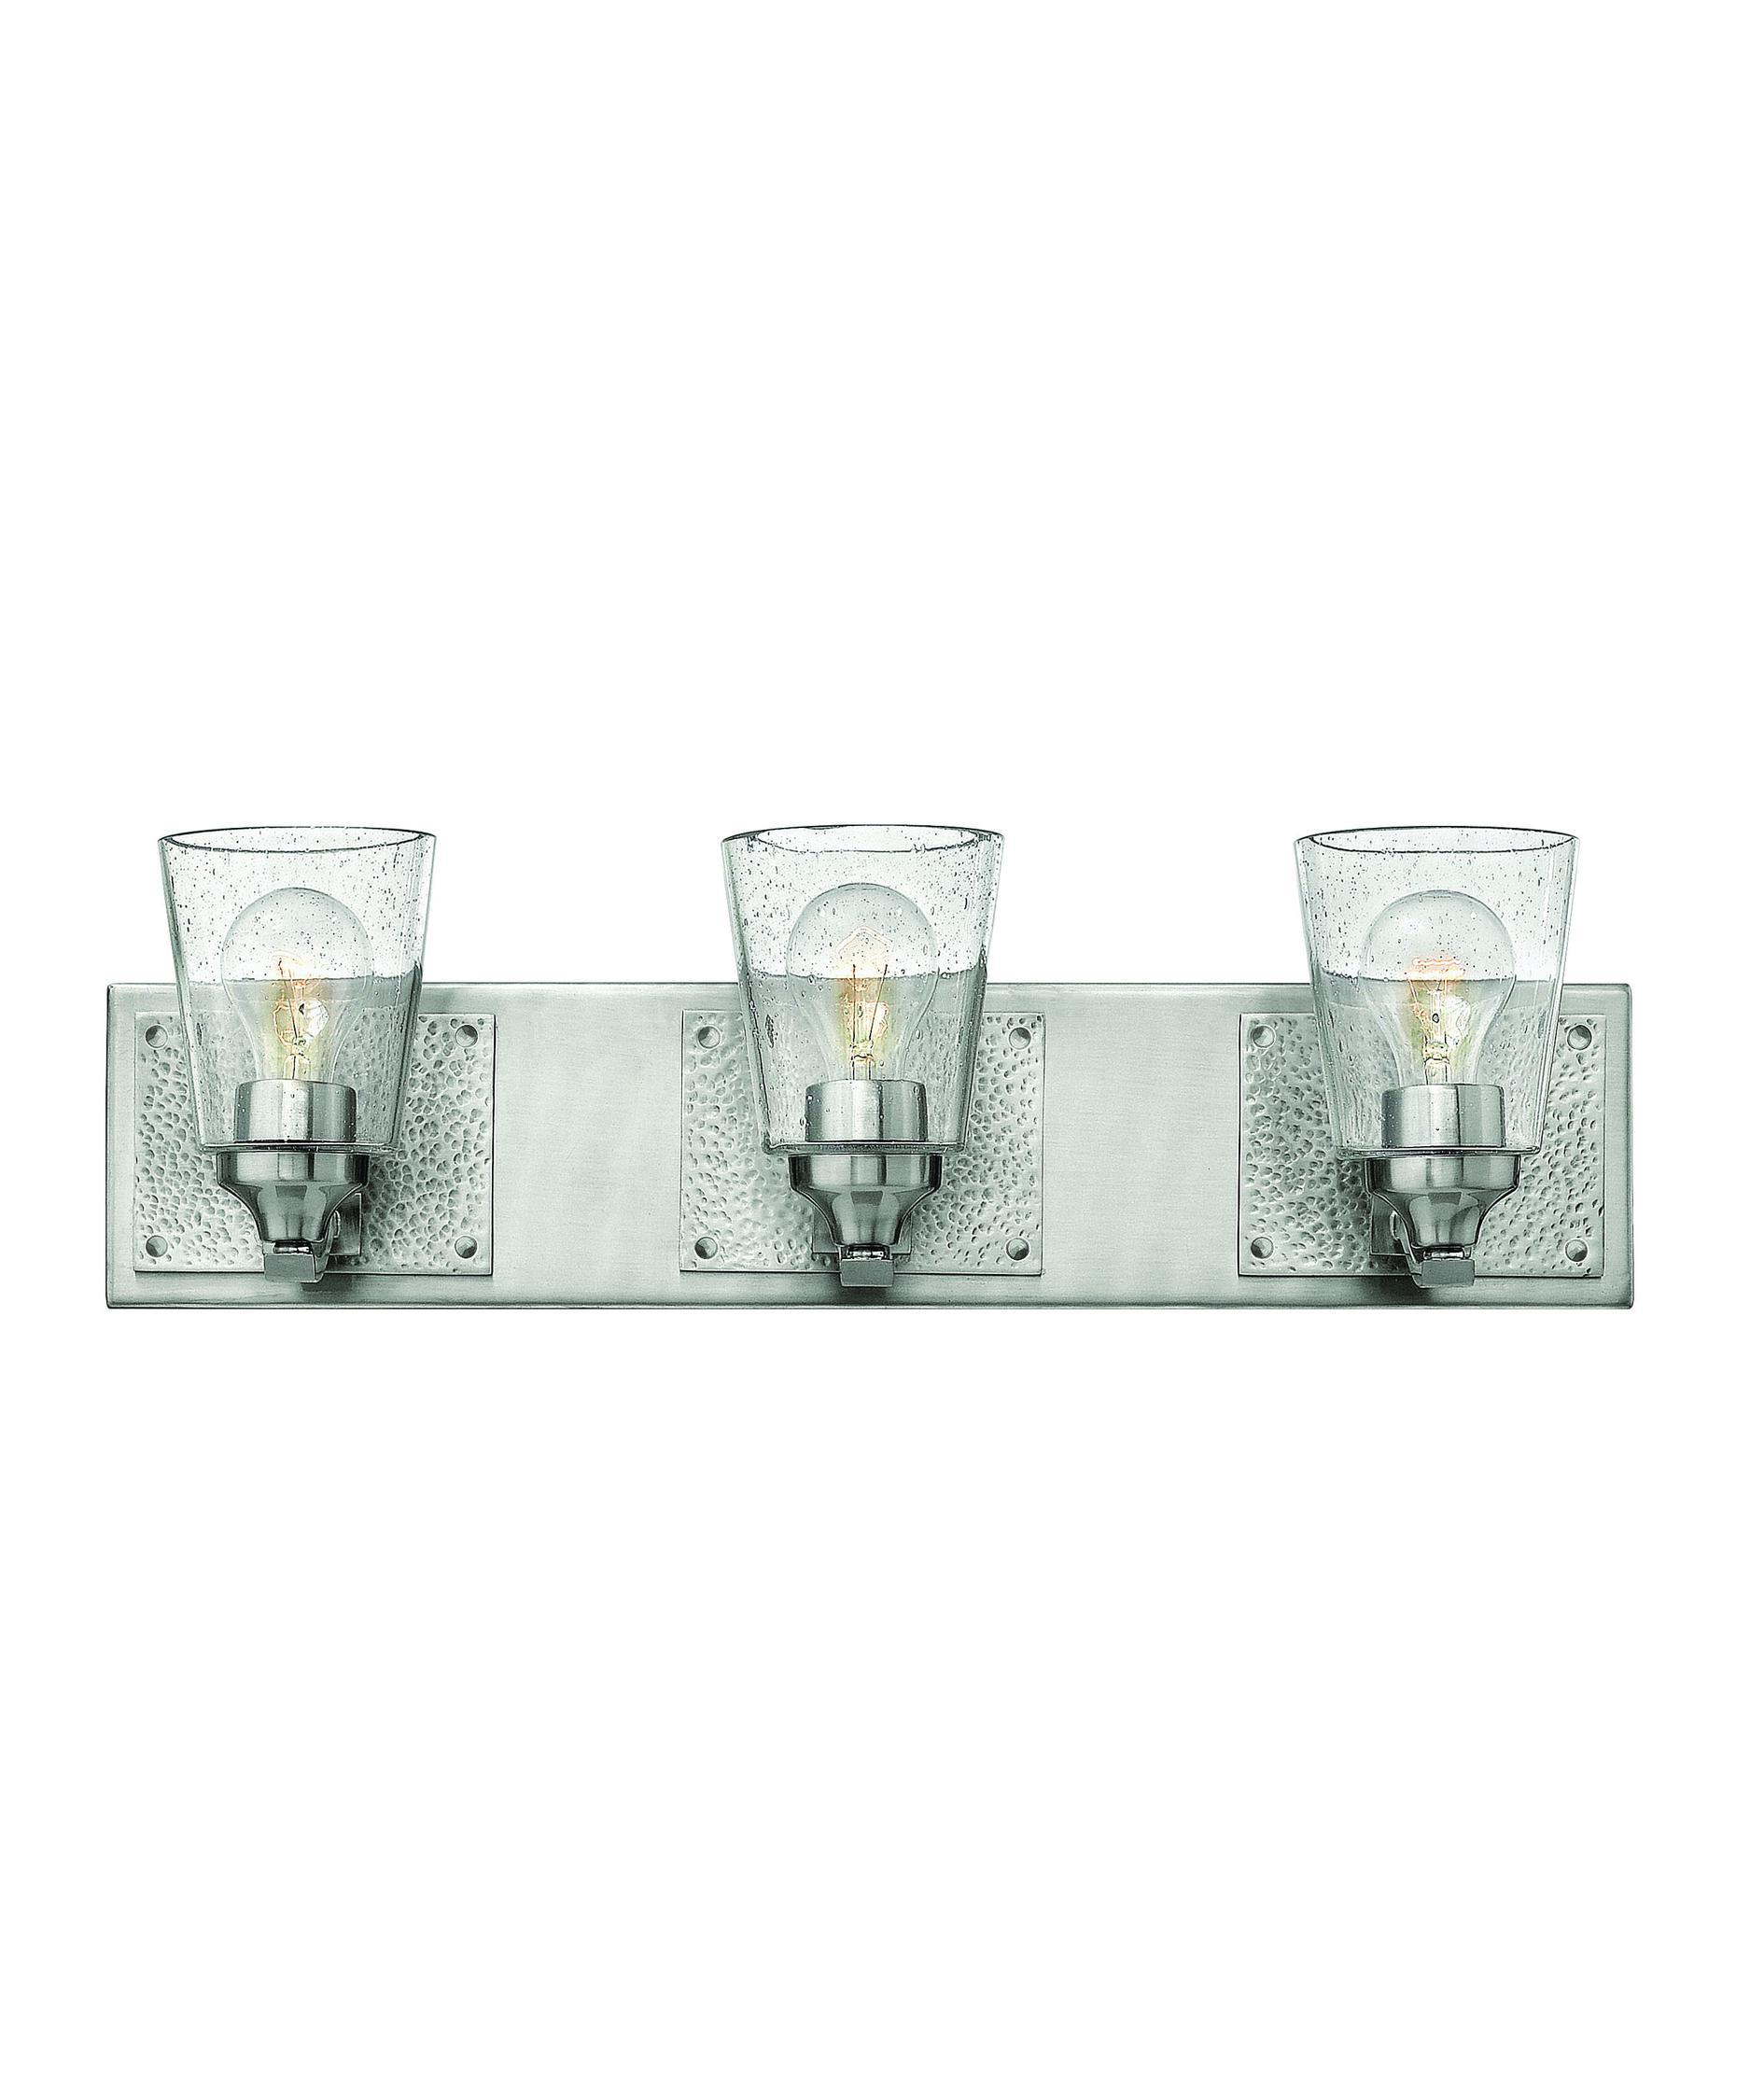 Bathroom Vanity Lights Nickel hinkley lighting 51823 jackson 24 inch wide bath vanity light